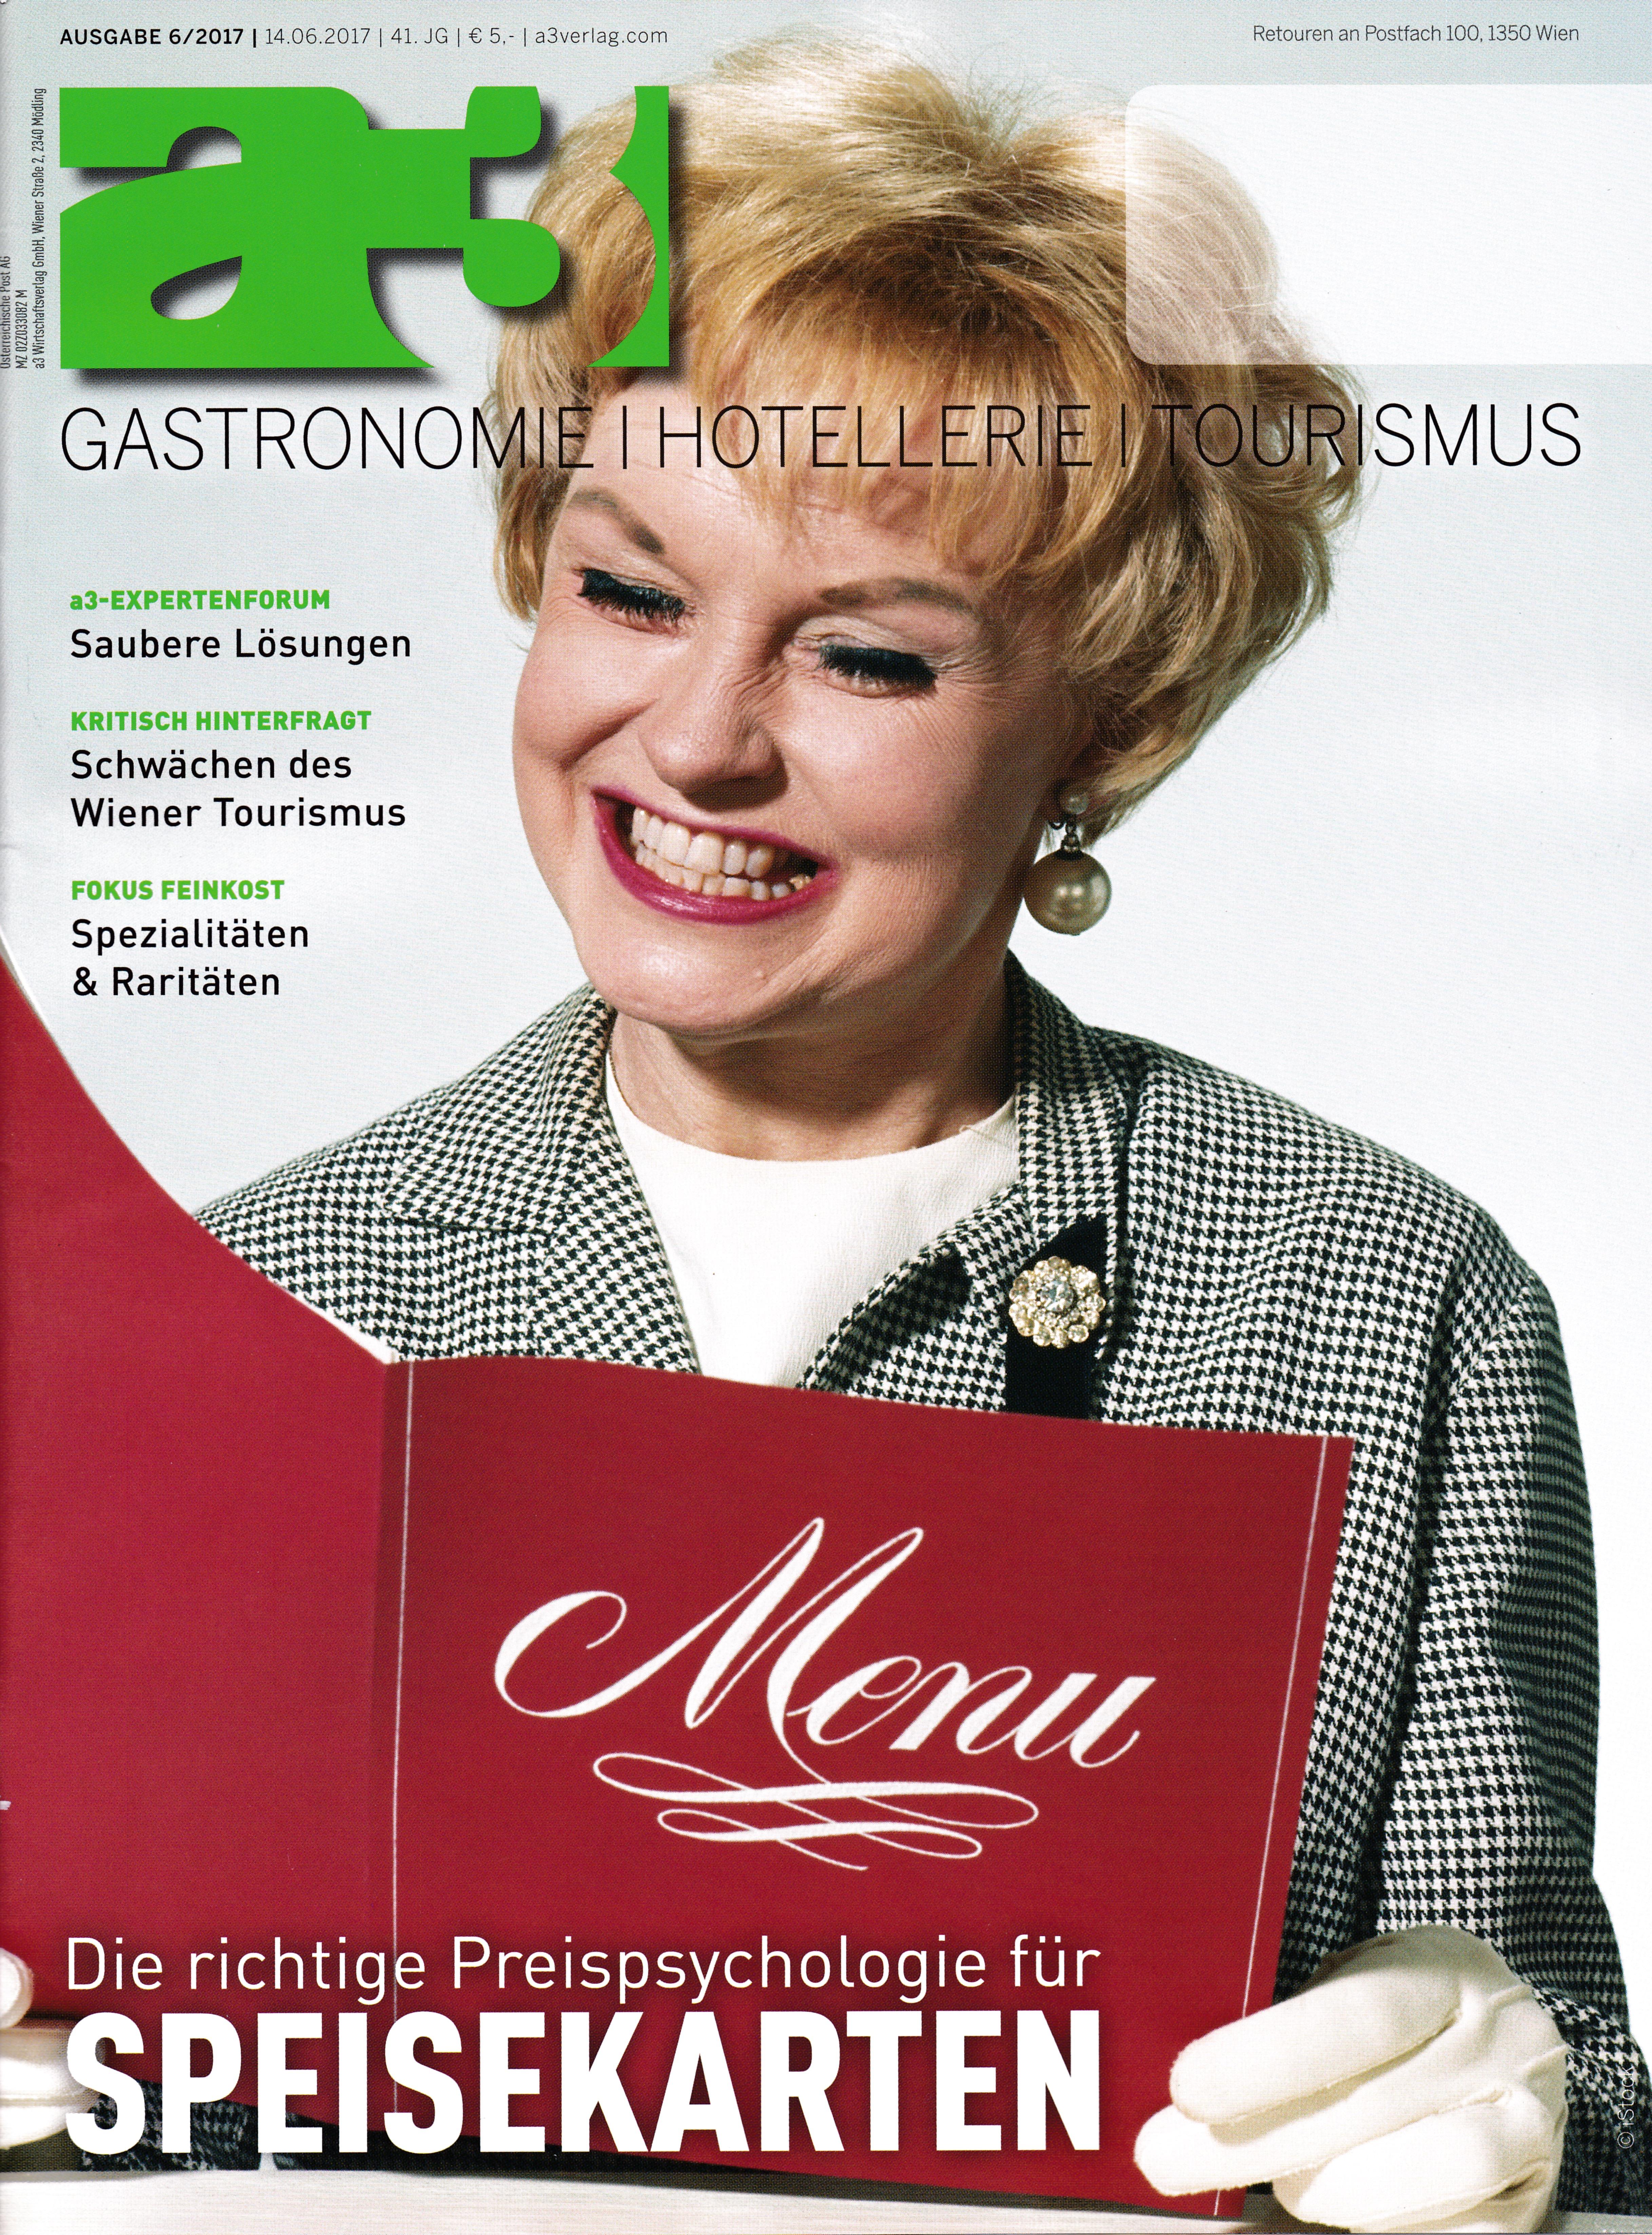 a3 Gast 6_2017 Cover - Roman Kmenta - Experte für Preispsychologie, Berater und Trainer